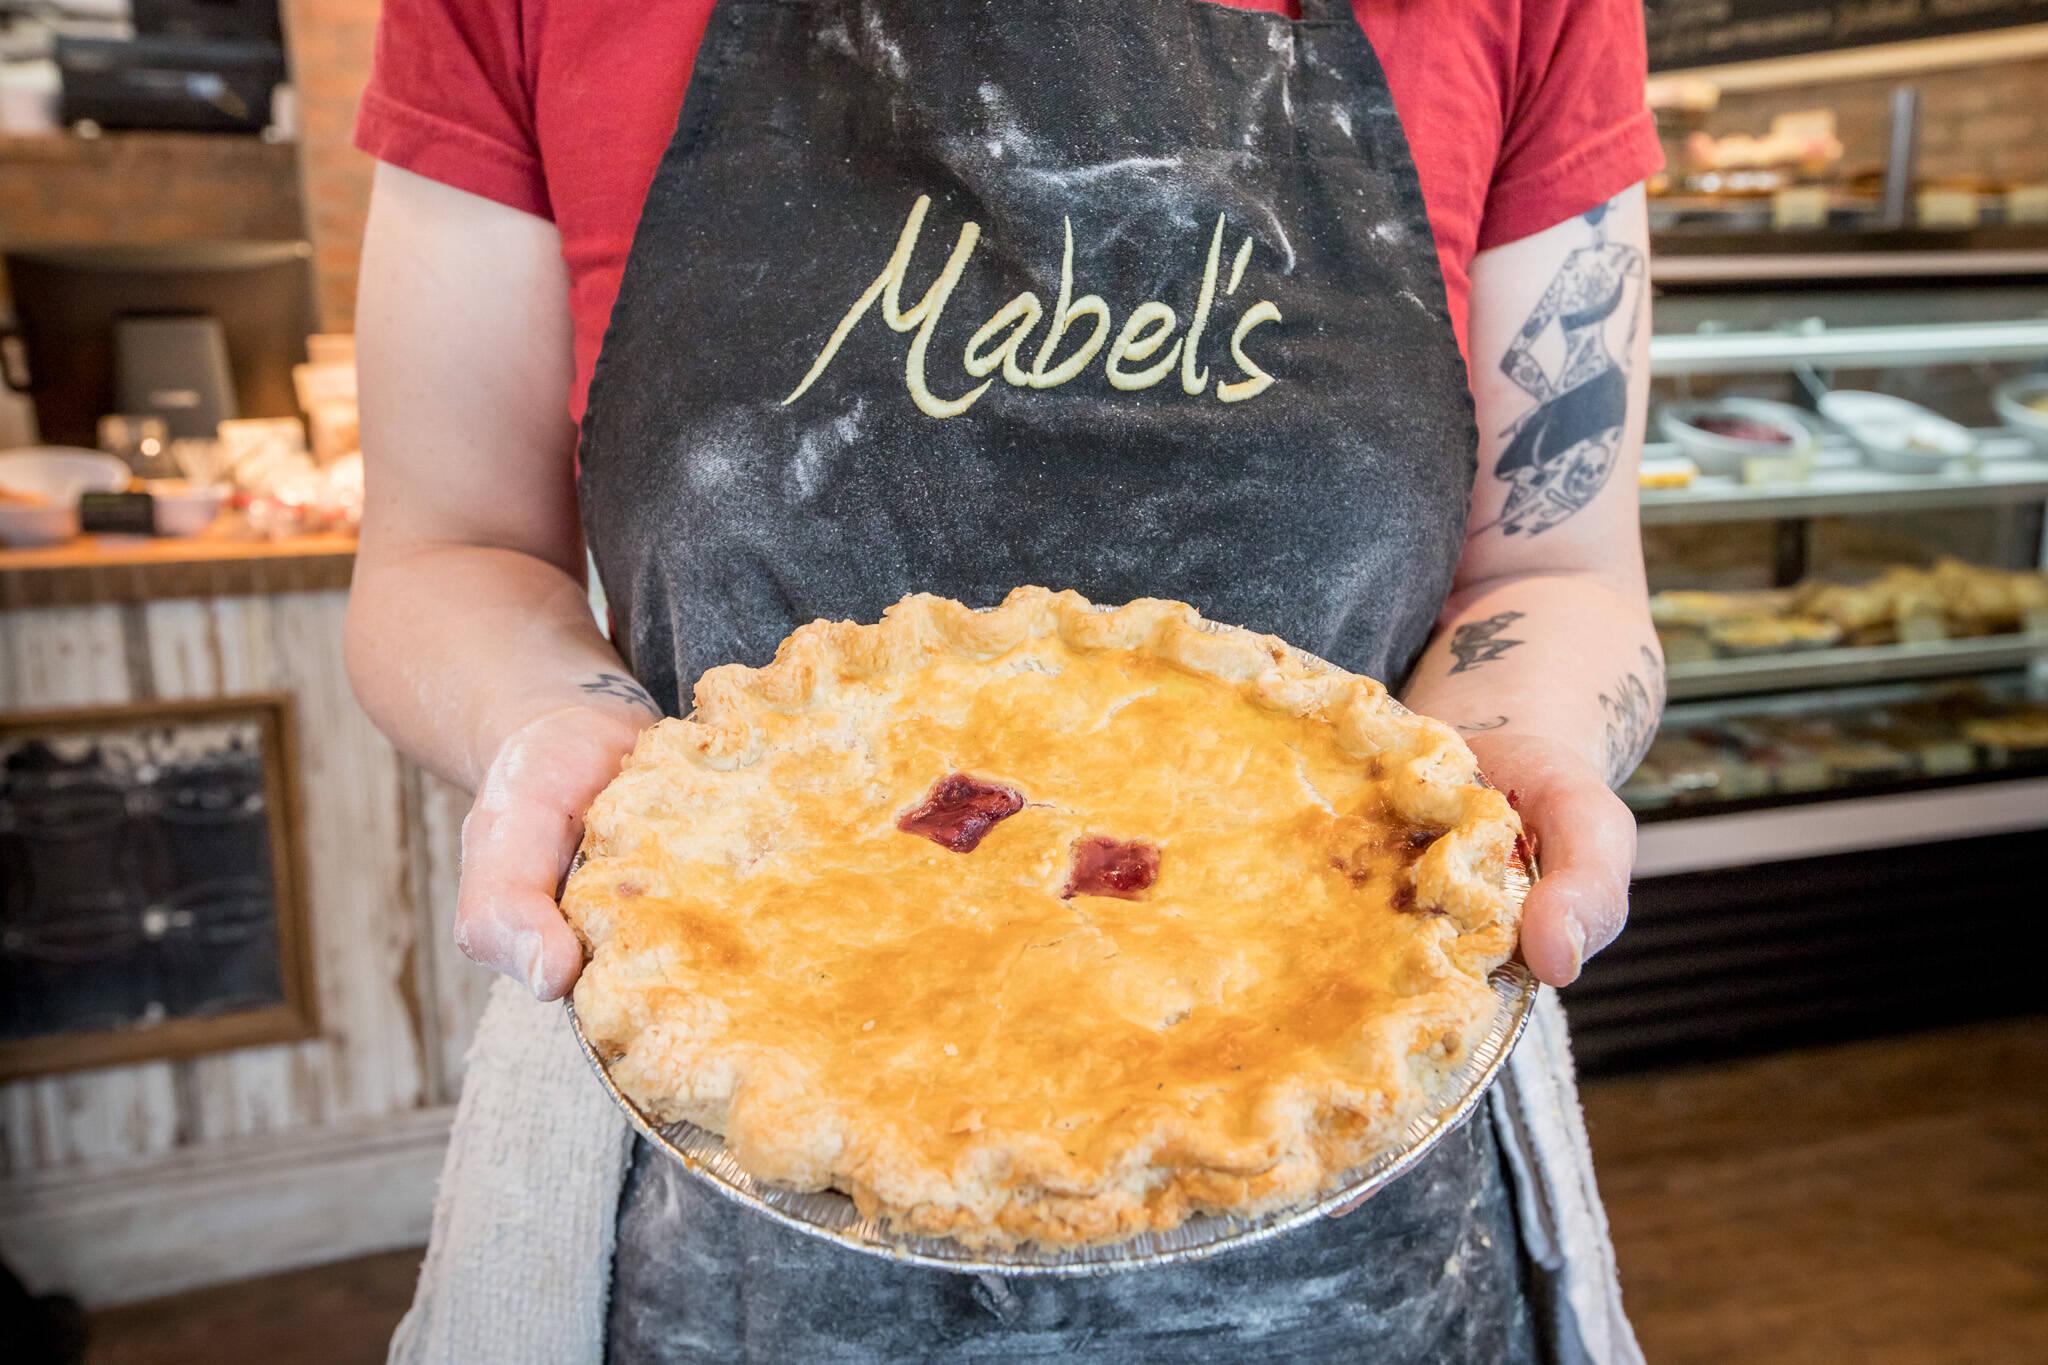 Mabels bakery Toronto